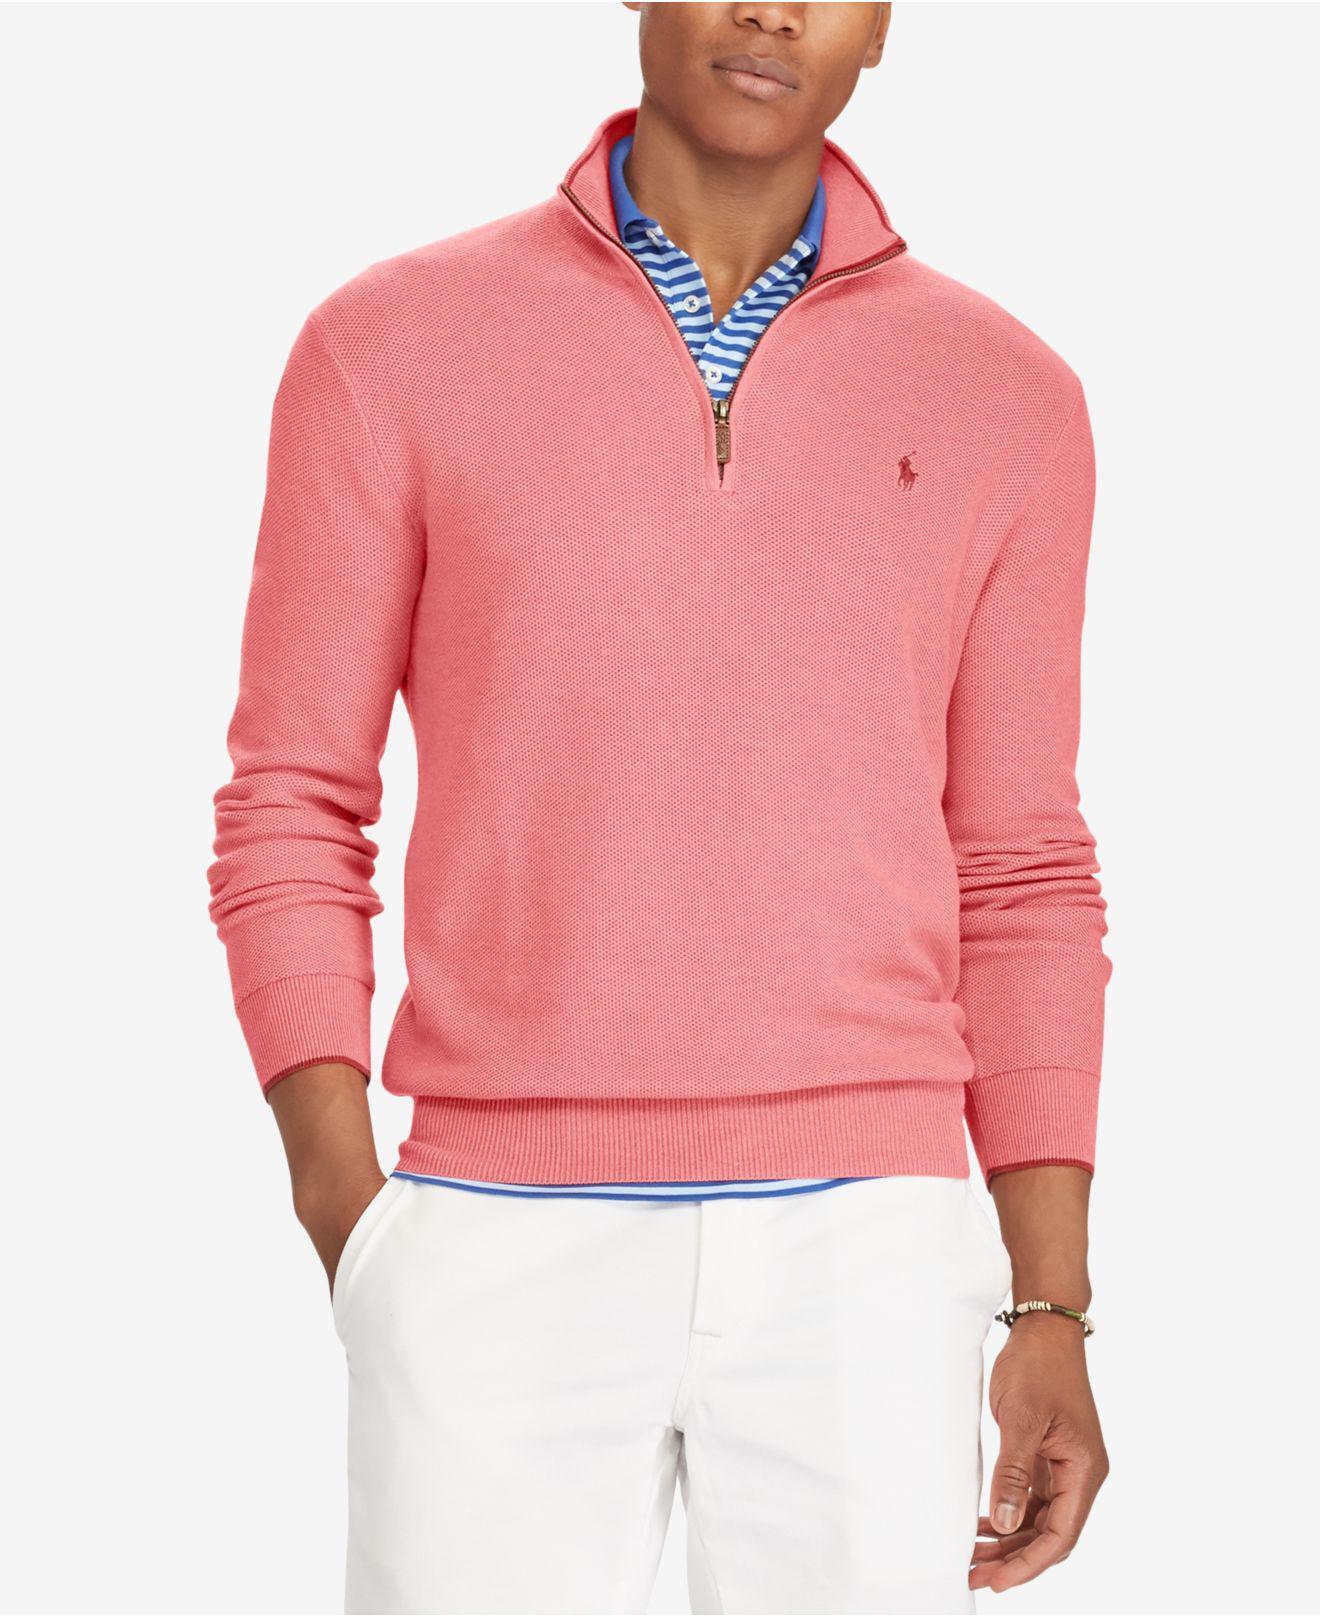 Polo ralph lauren Men's Half-zip Sweater in Pink for Men | Lyst